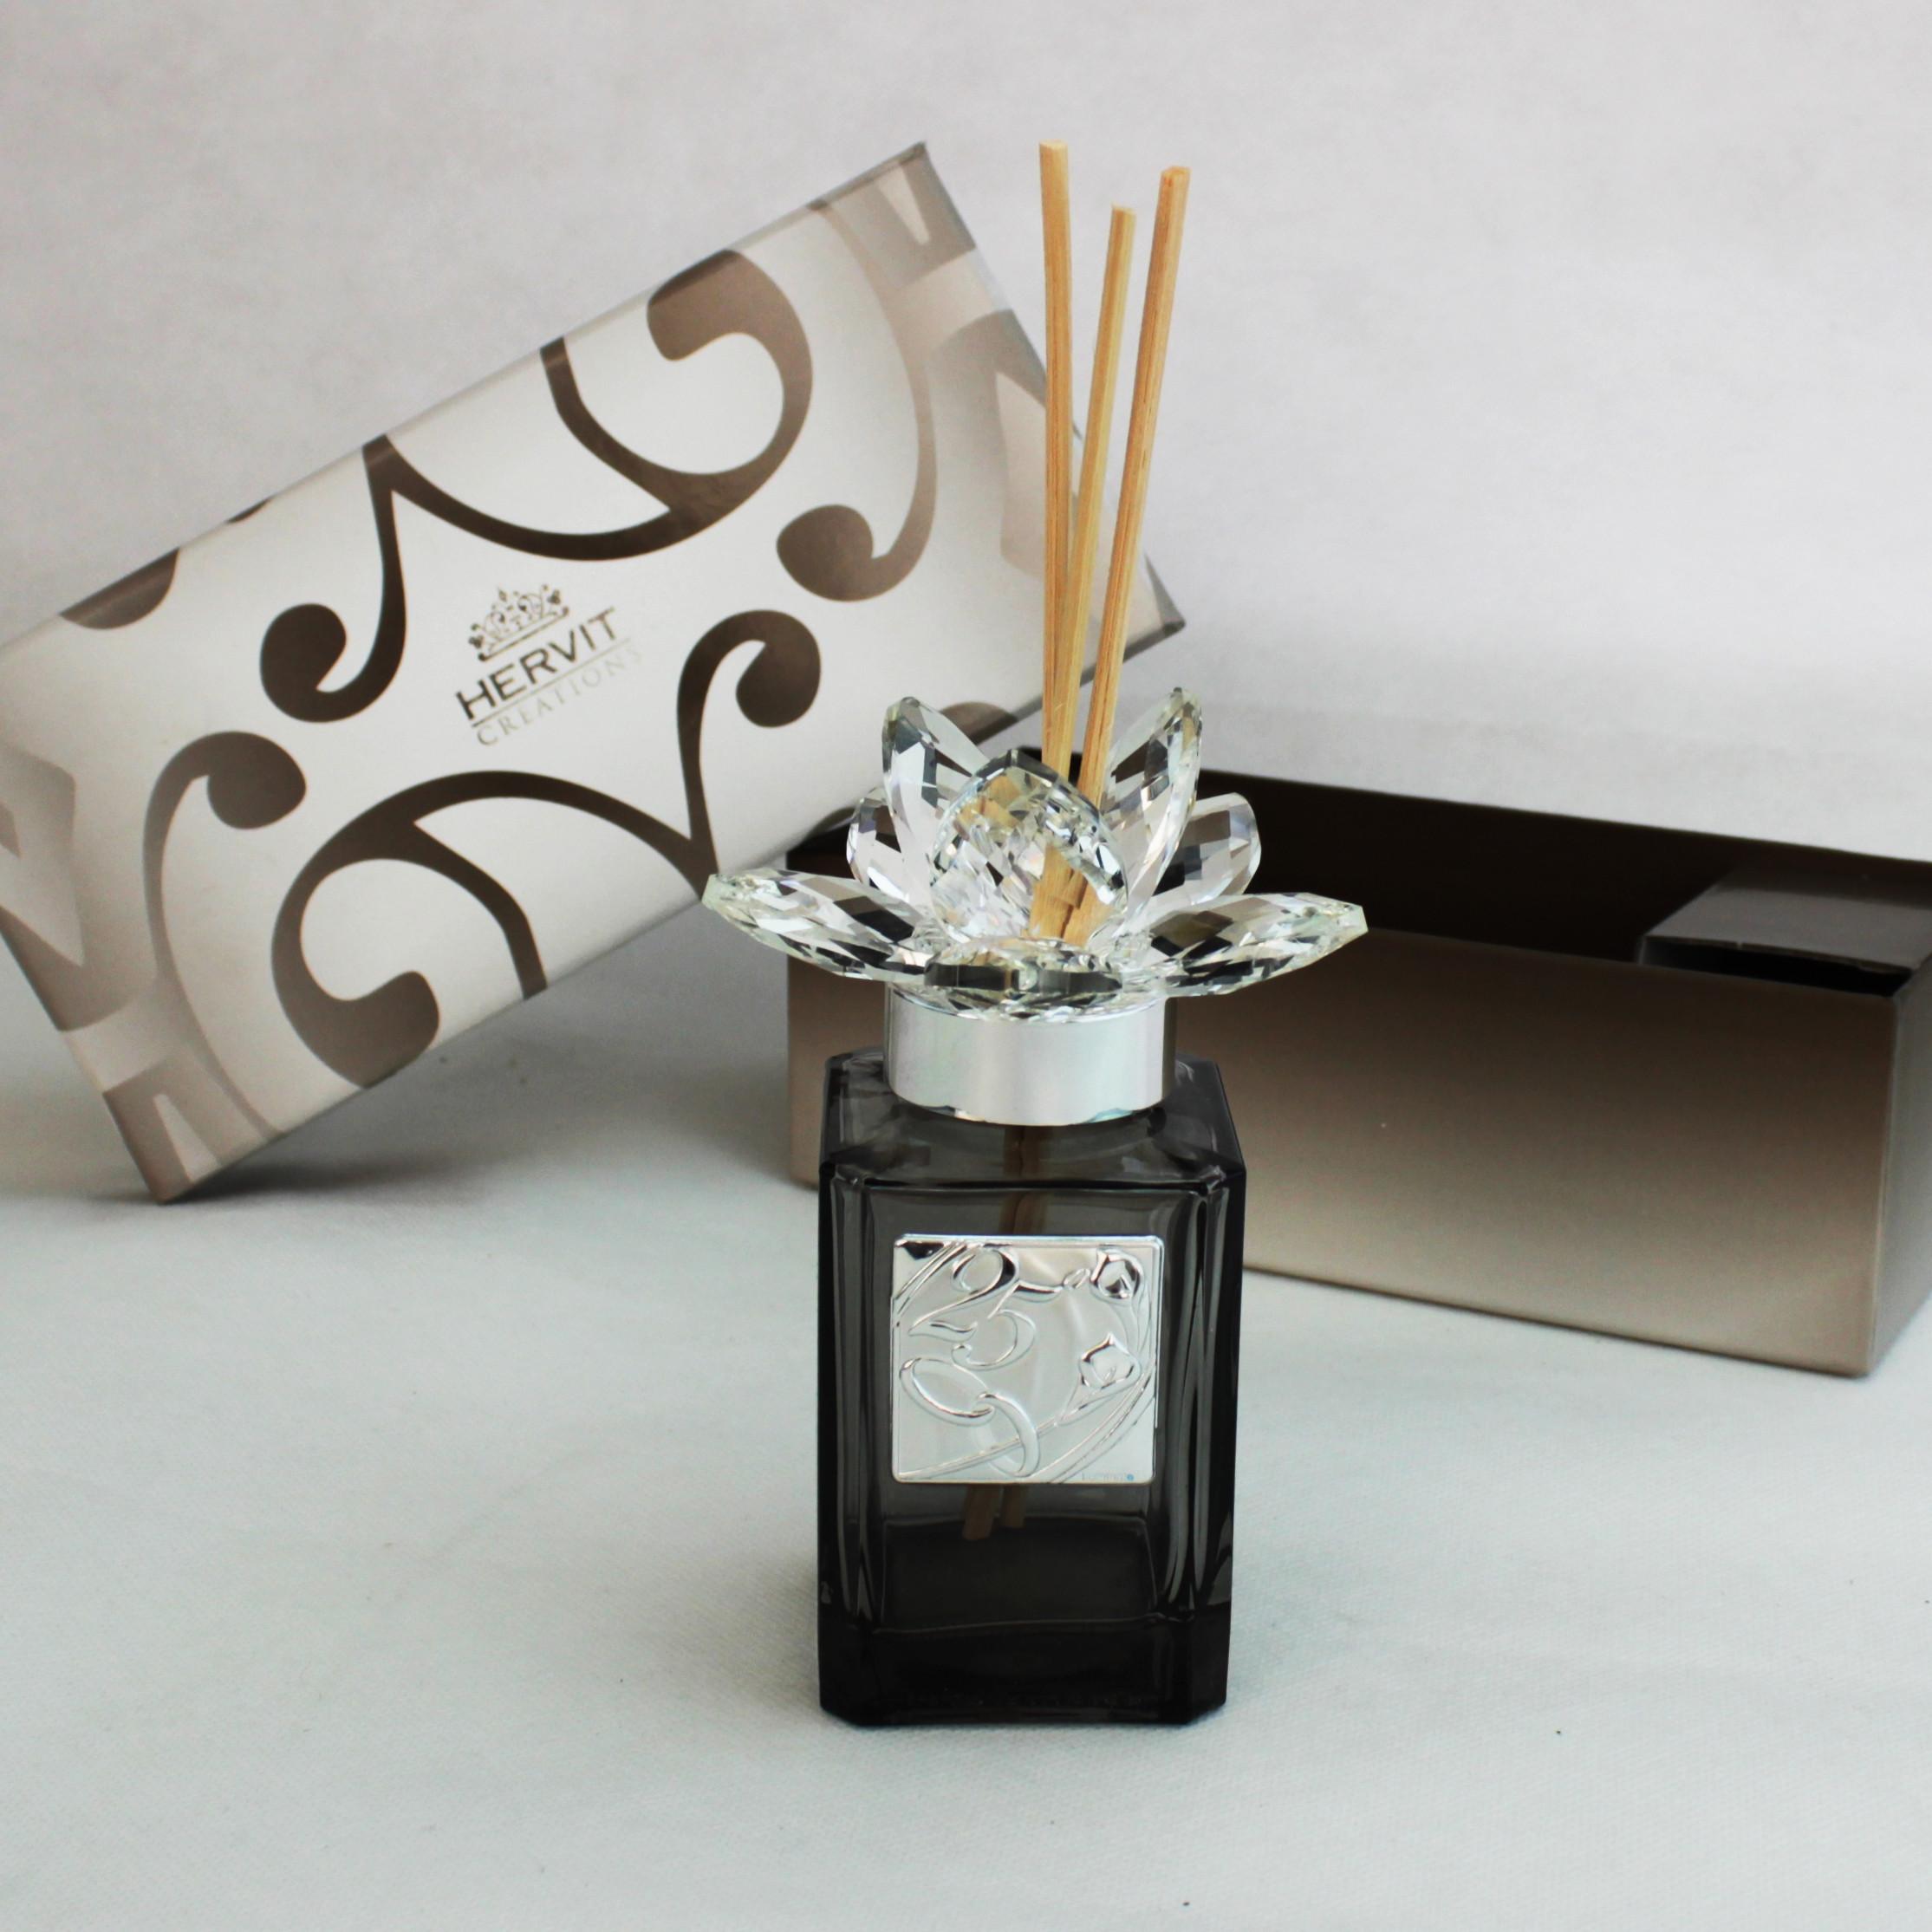 Profumatore Hervit con fiore in cristallo 25° anniversario matrimonio